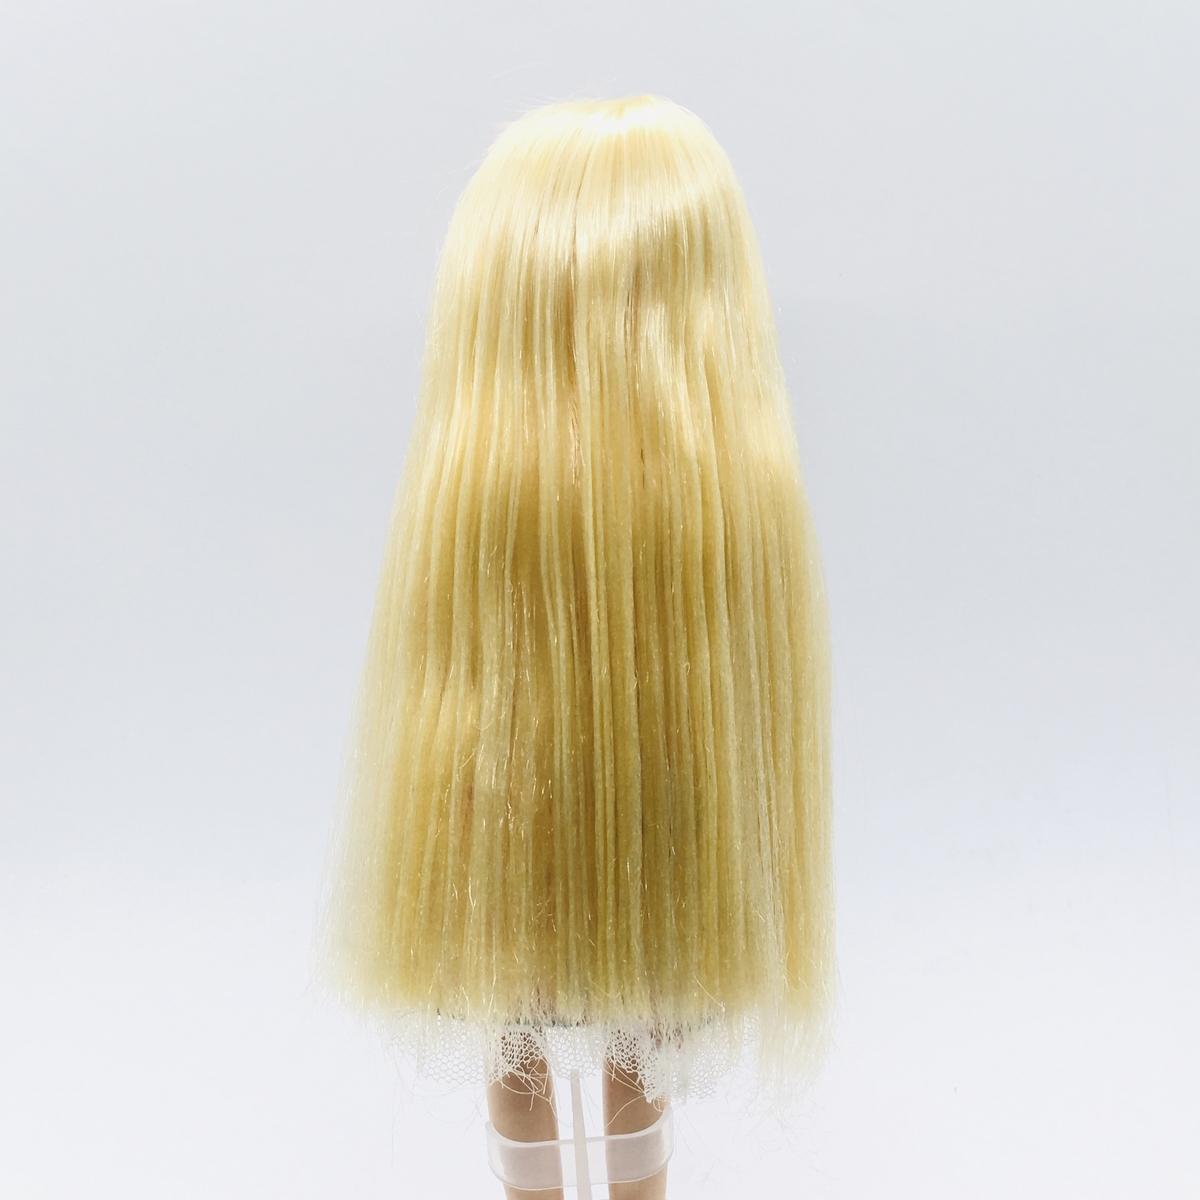 「みさきちゃん」の髪の毛にウィッグオイルをつけて濡れたような状態になっているところ